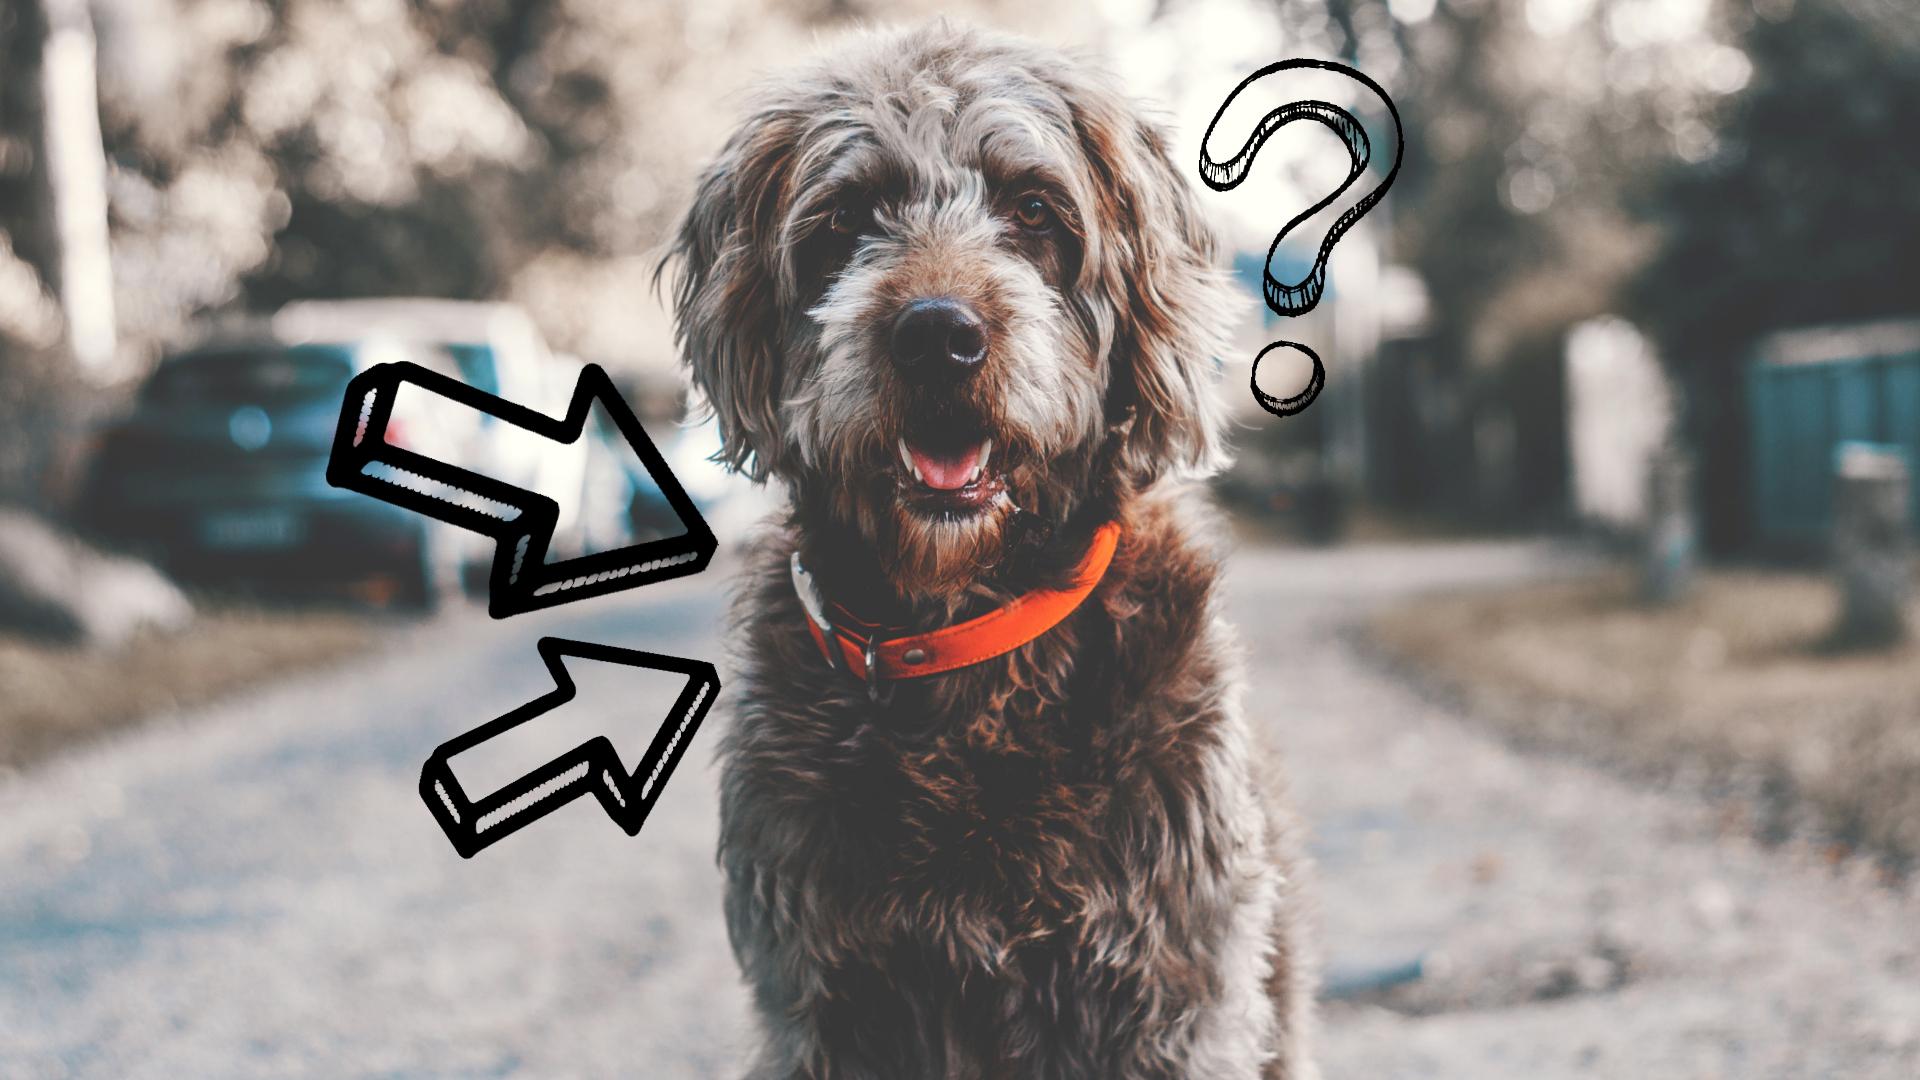 obroża czy szelki co jest lepsze dla psa